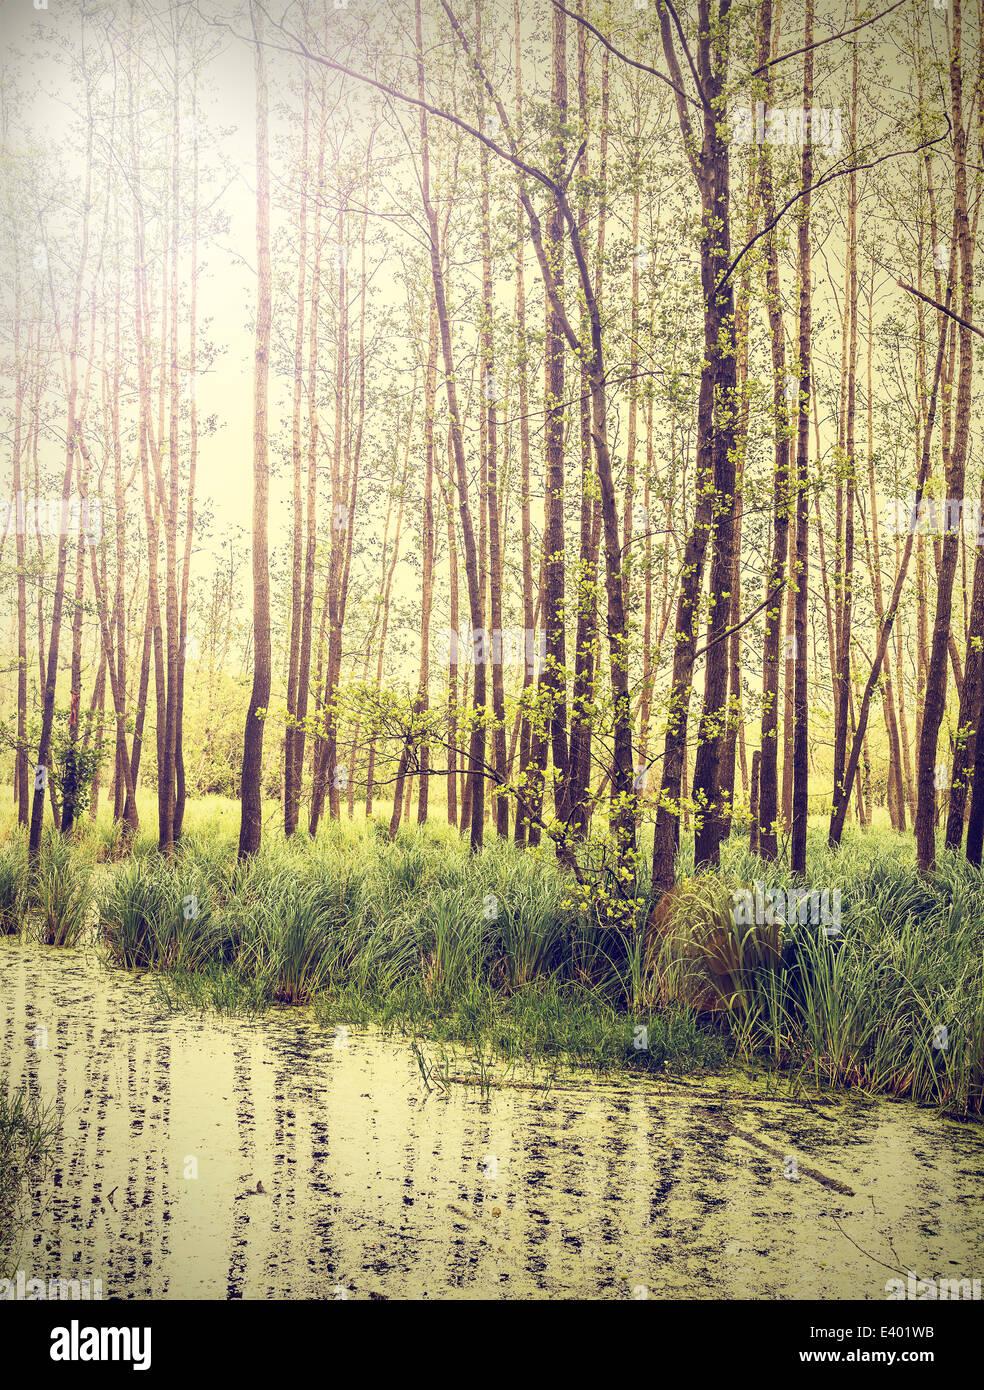 Friedliche Natur Vintage-Hintergrund. Stockbild